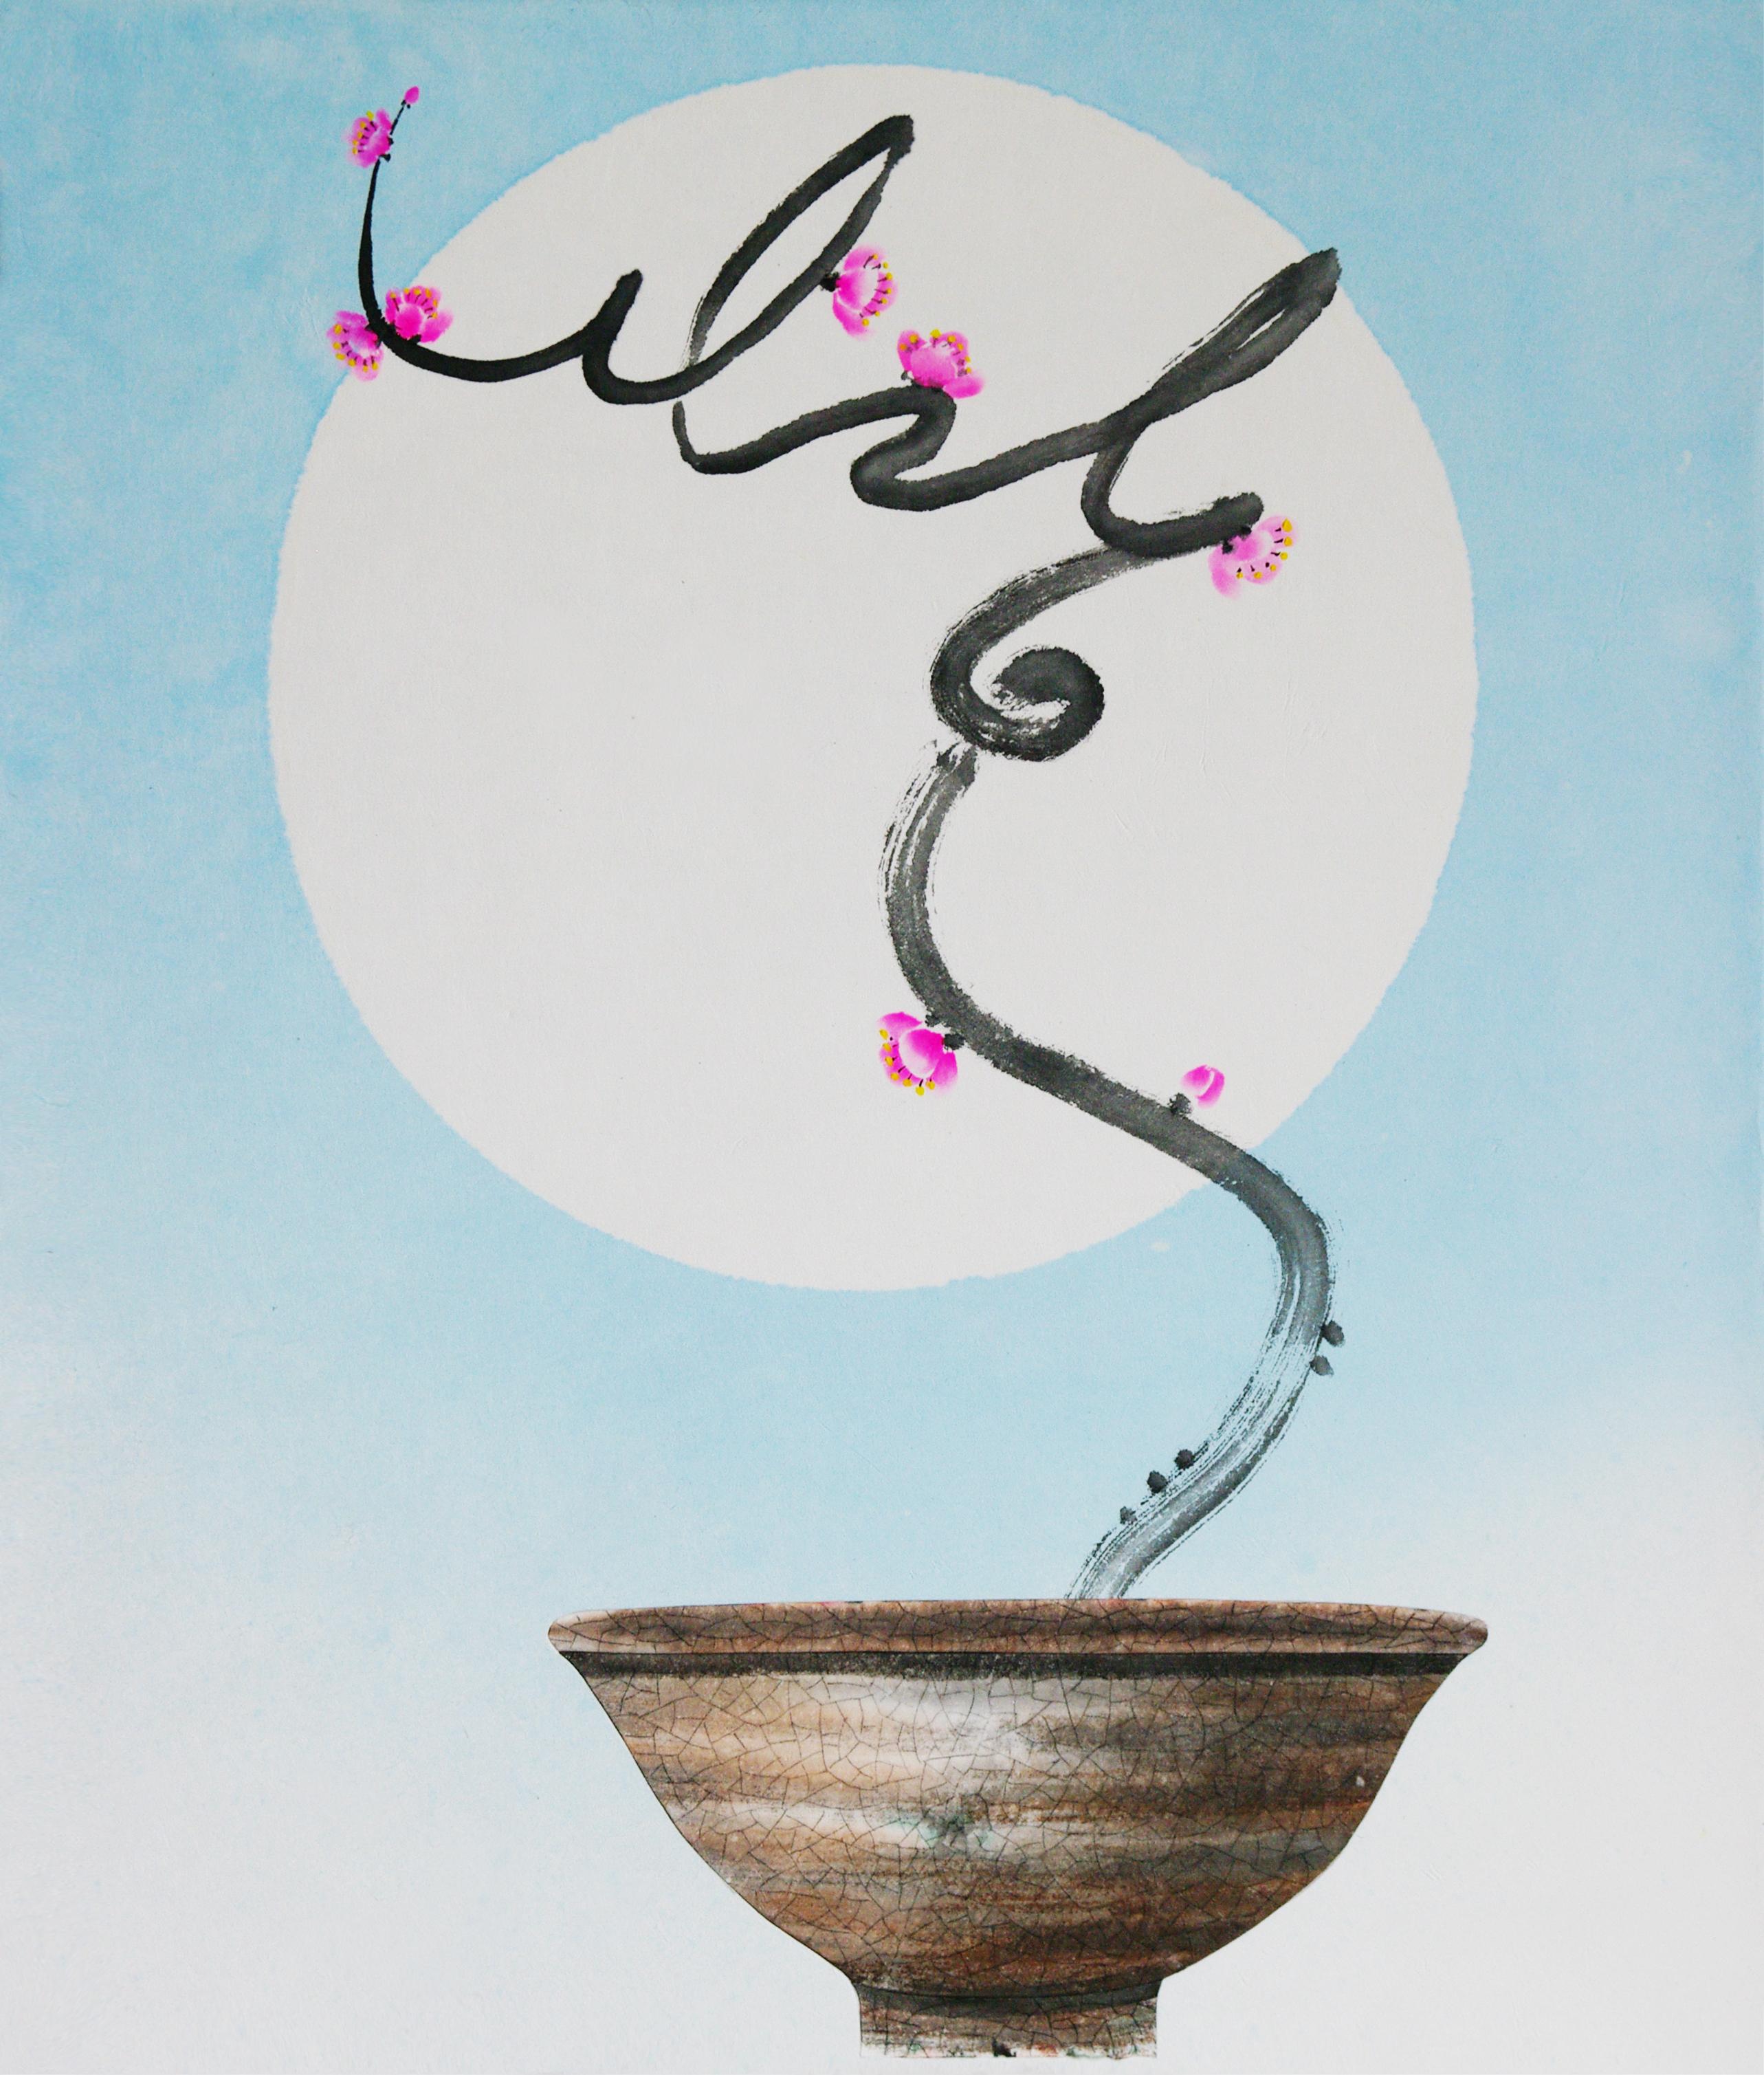 오관진1, 비움과 채움(사랑을담다), ,45 x 53 cm,한지에 혼합재